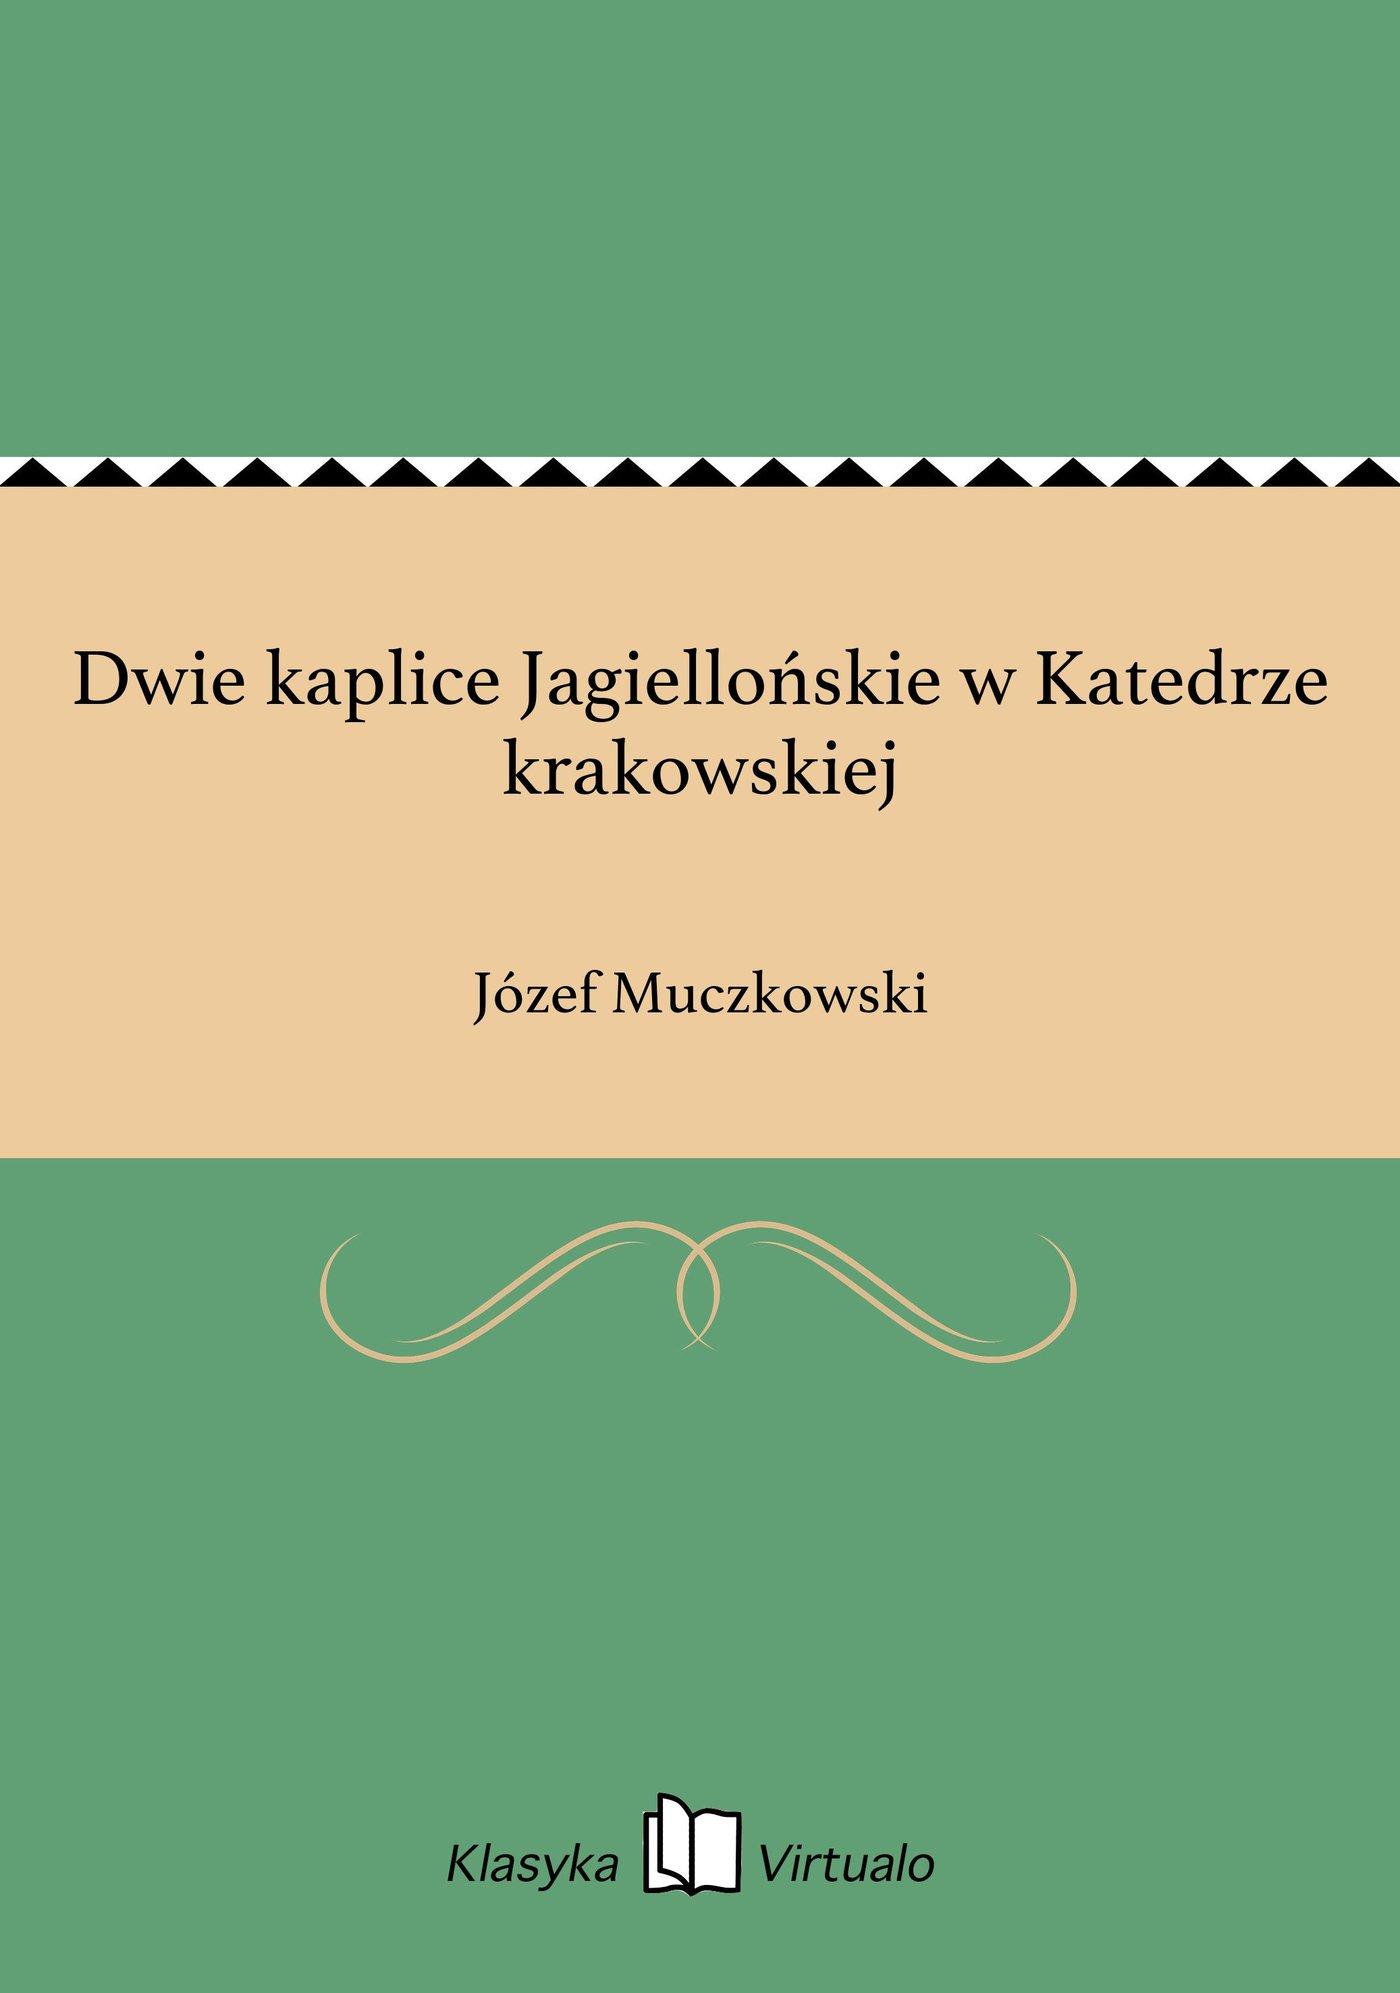 Dwie kaplice Jagiellońskie w Katedrze krakowskiej - Ebook (Książka EPUB) do pobrania w formacie EPUB